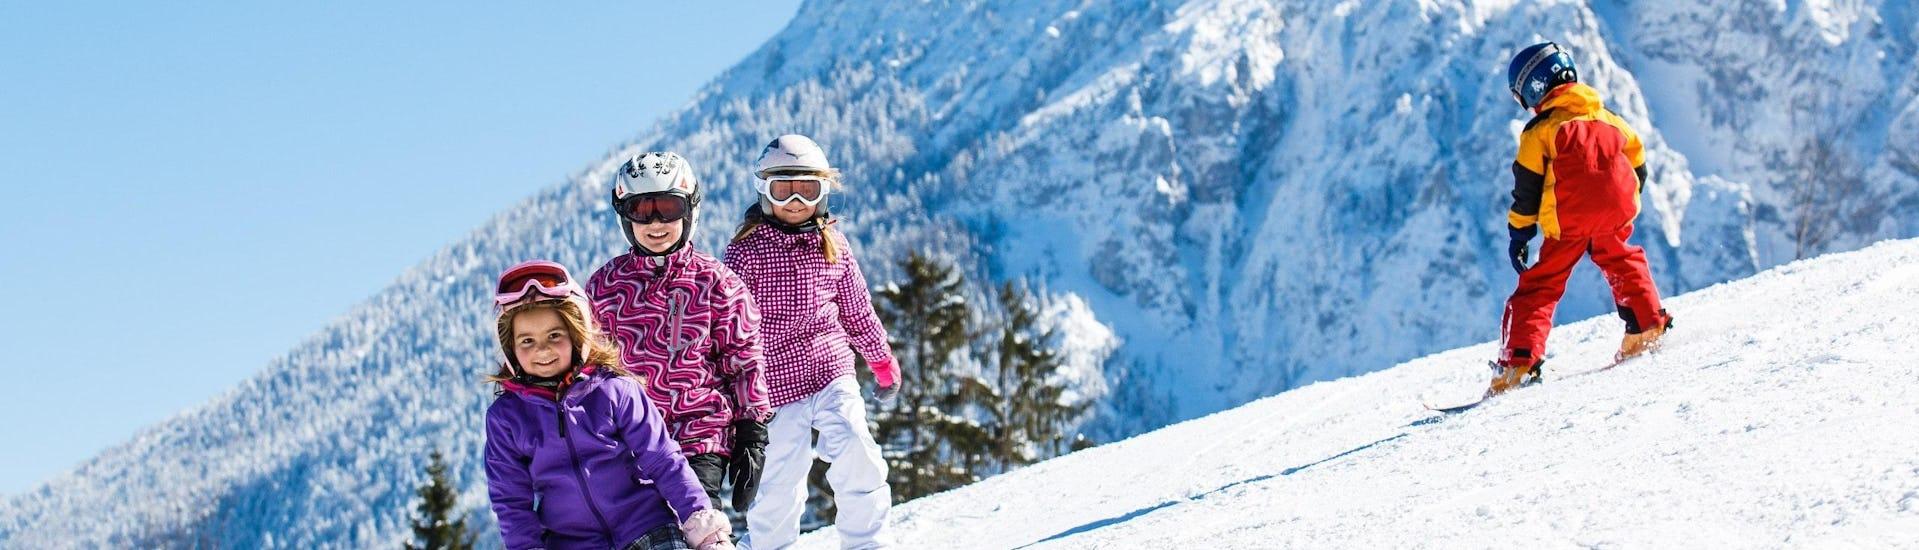 Ausblick auf die sonnige Berglandschaft beim Skifahren lernen mit den Skischulen in Ruhpolding.